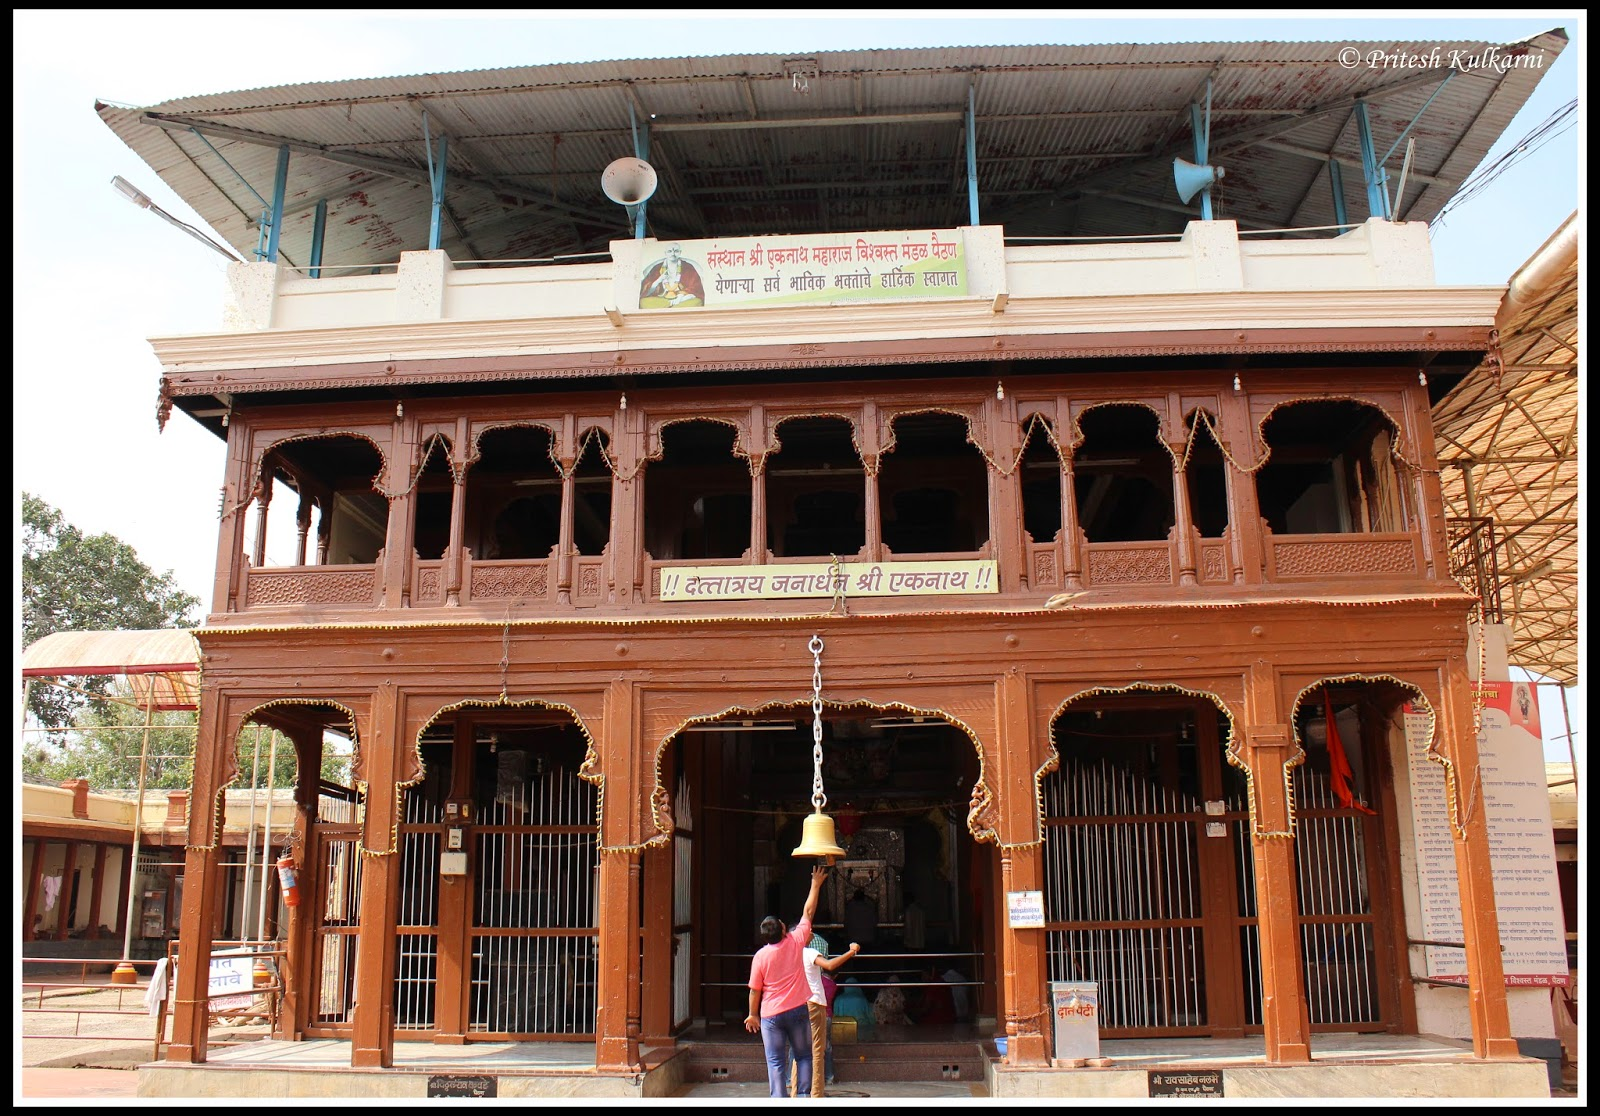 Sant Eknath Temple